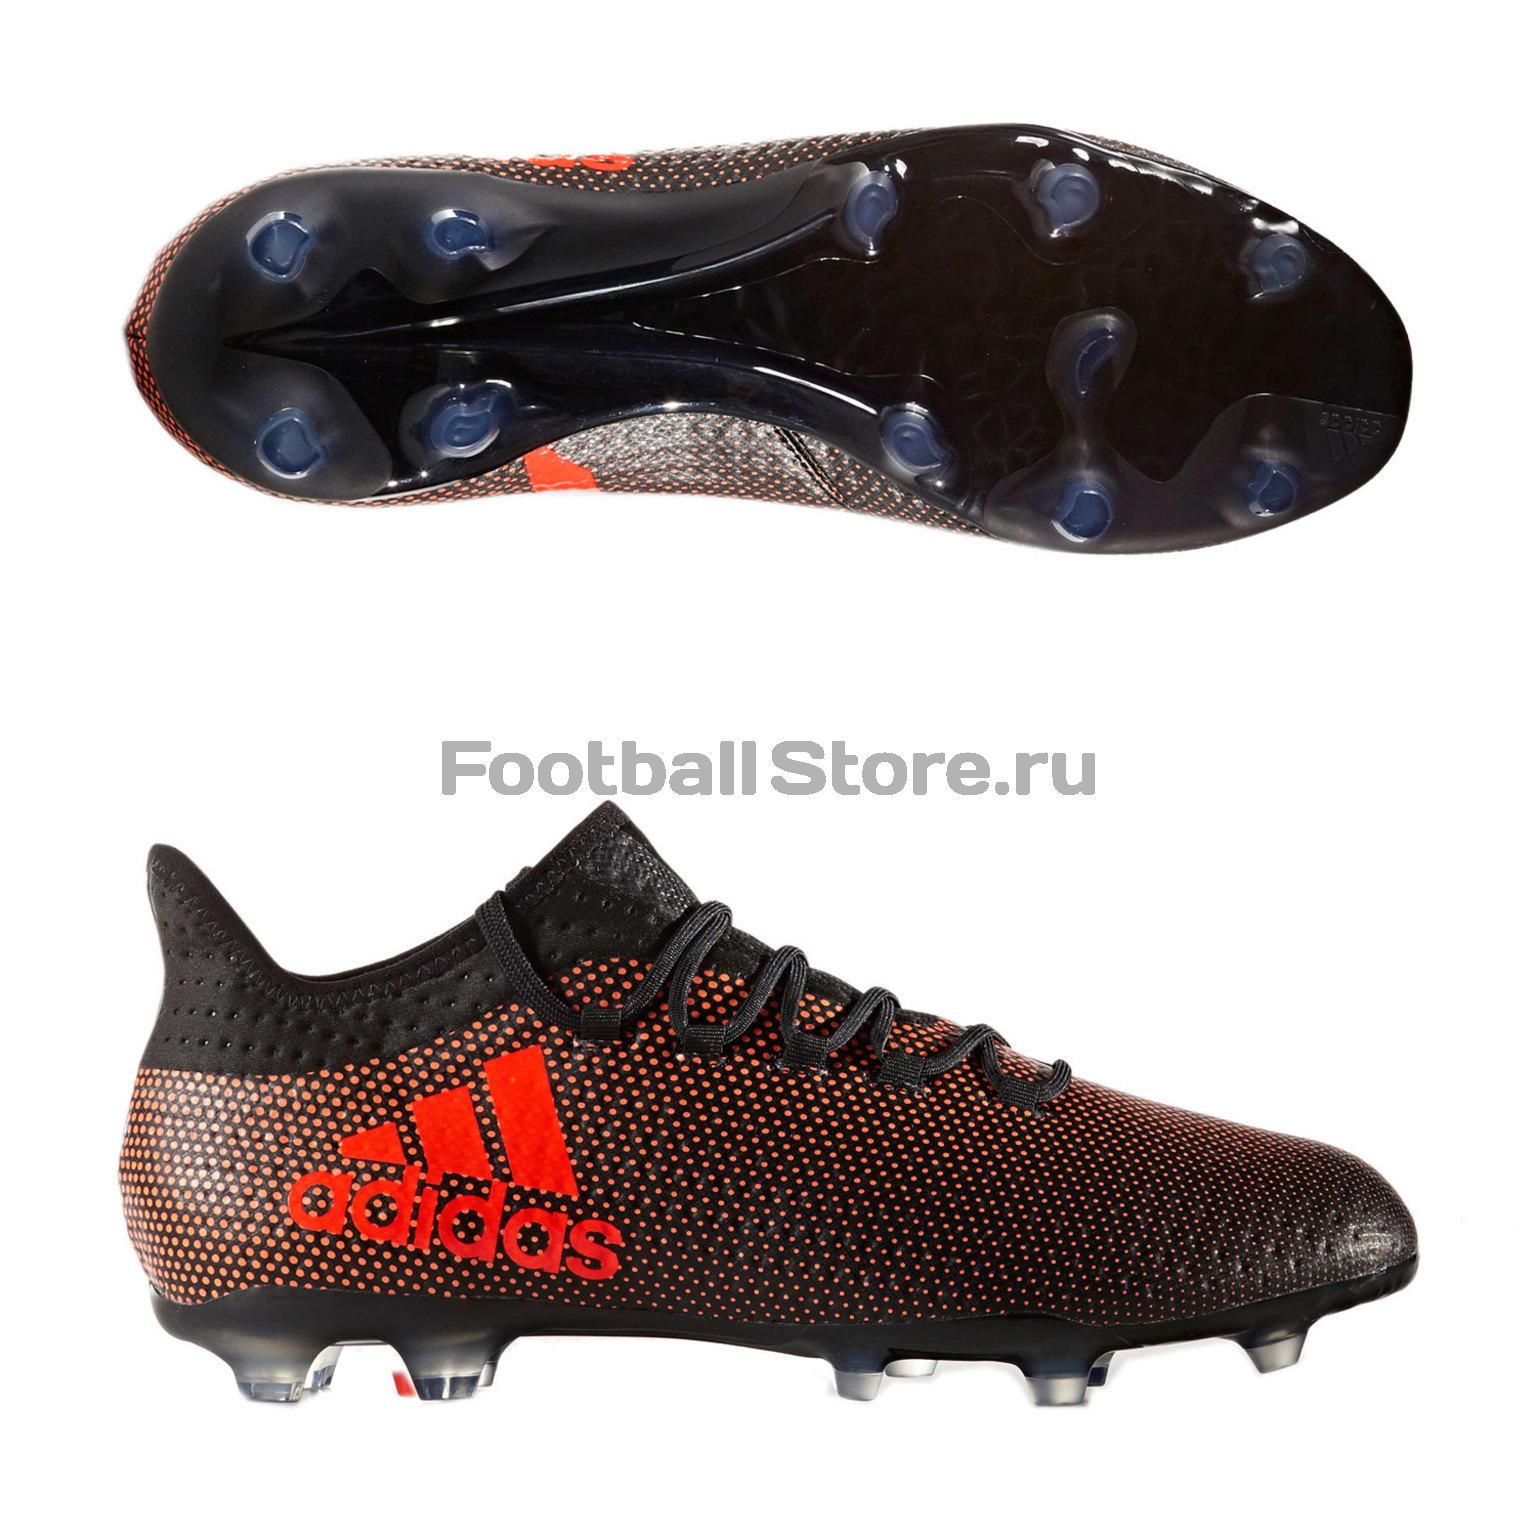 все цены на Игровые бутсы Adidas Бутсы Adidas X 17.2 FG S82324 онлайн